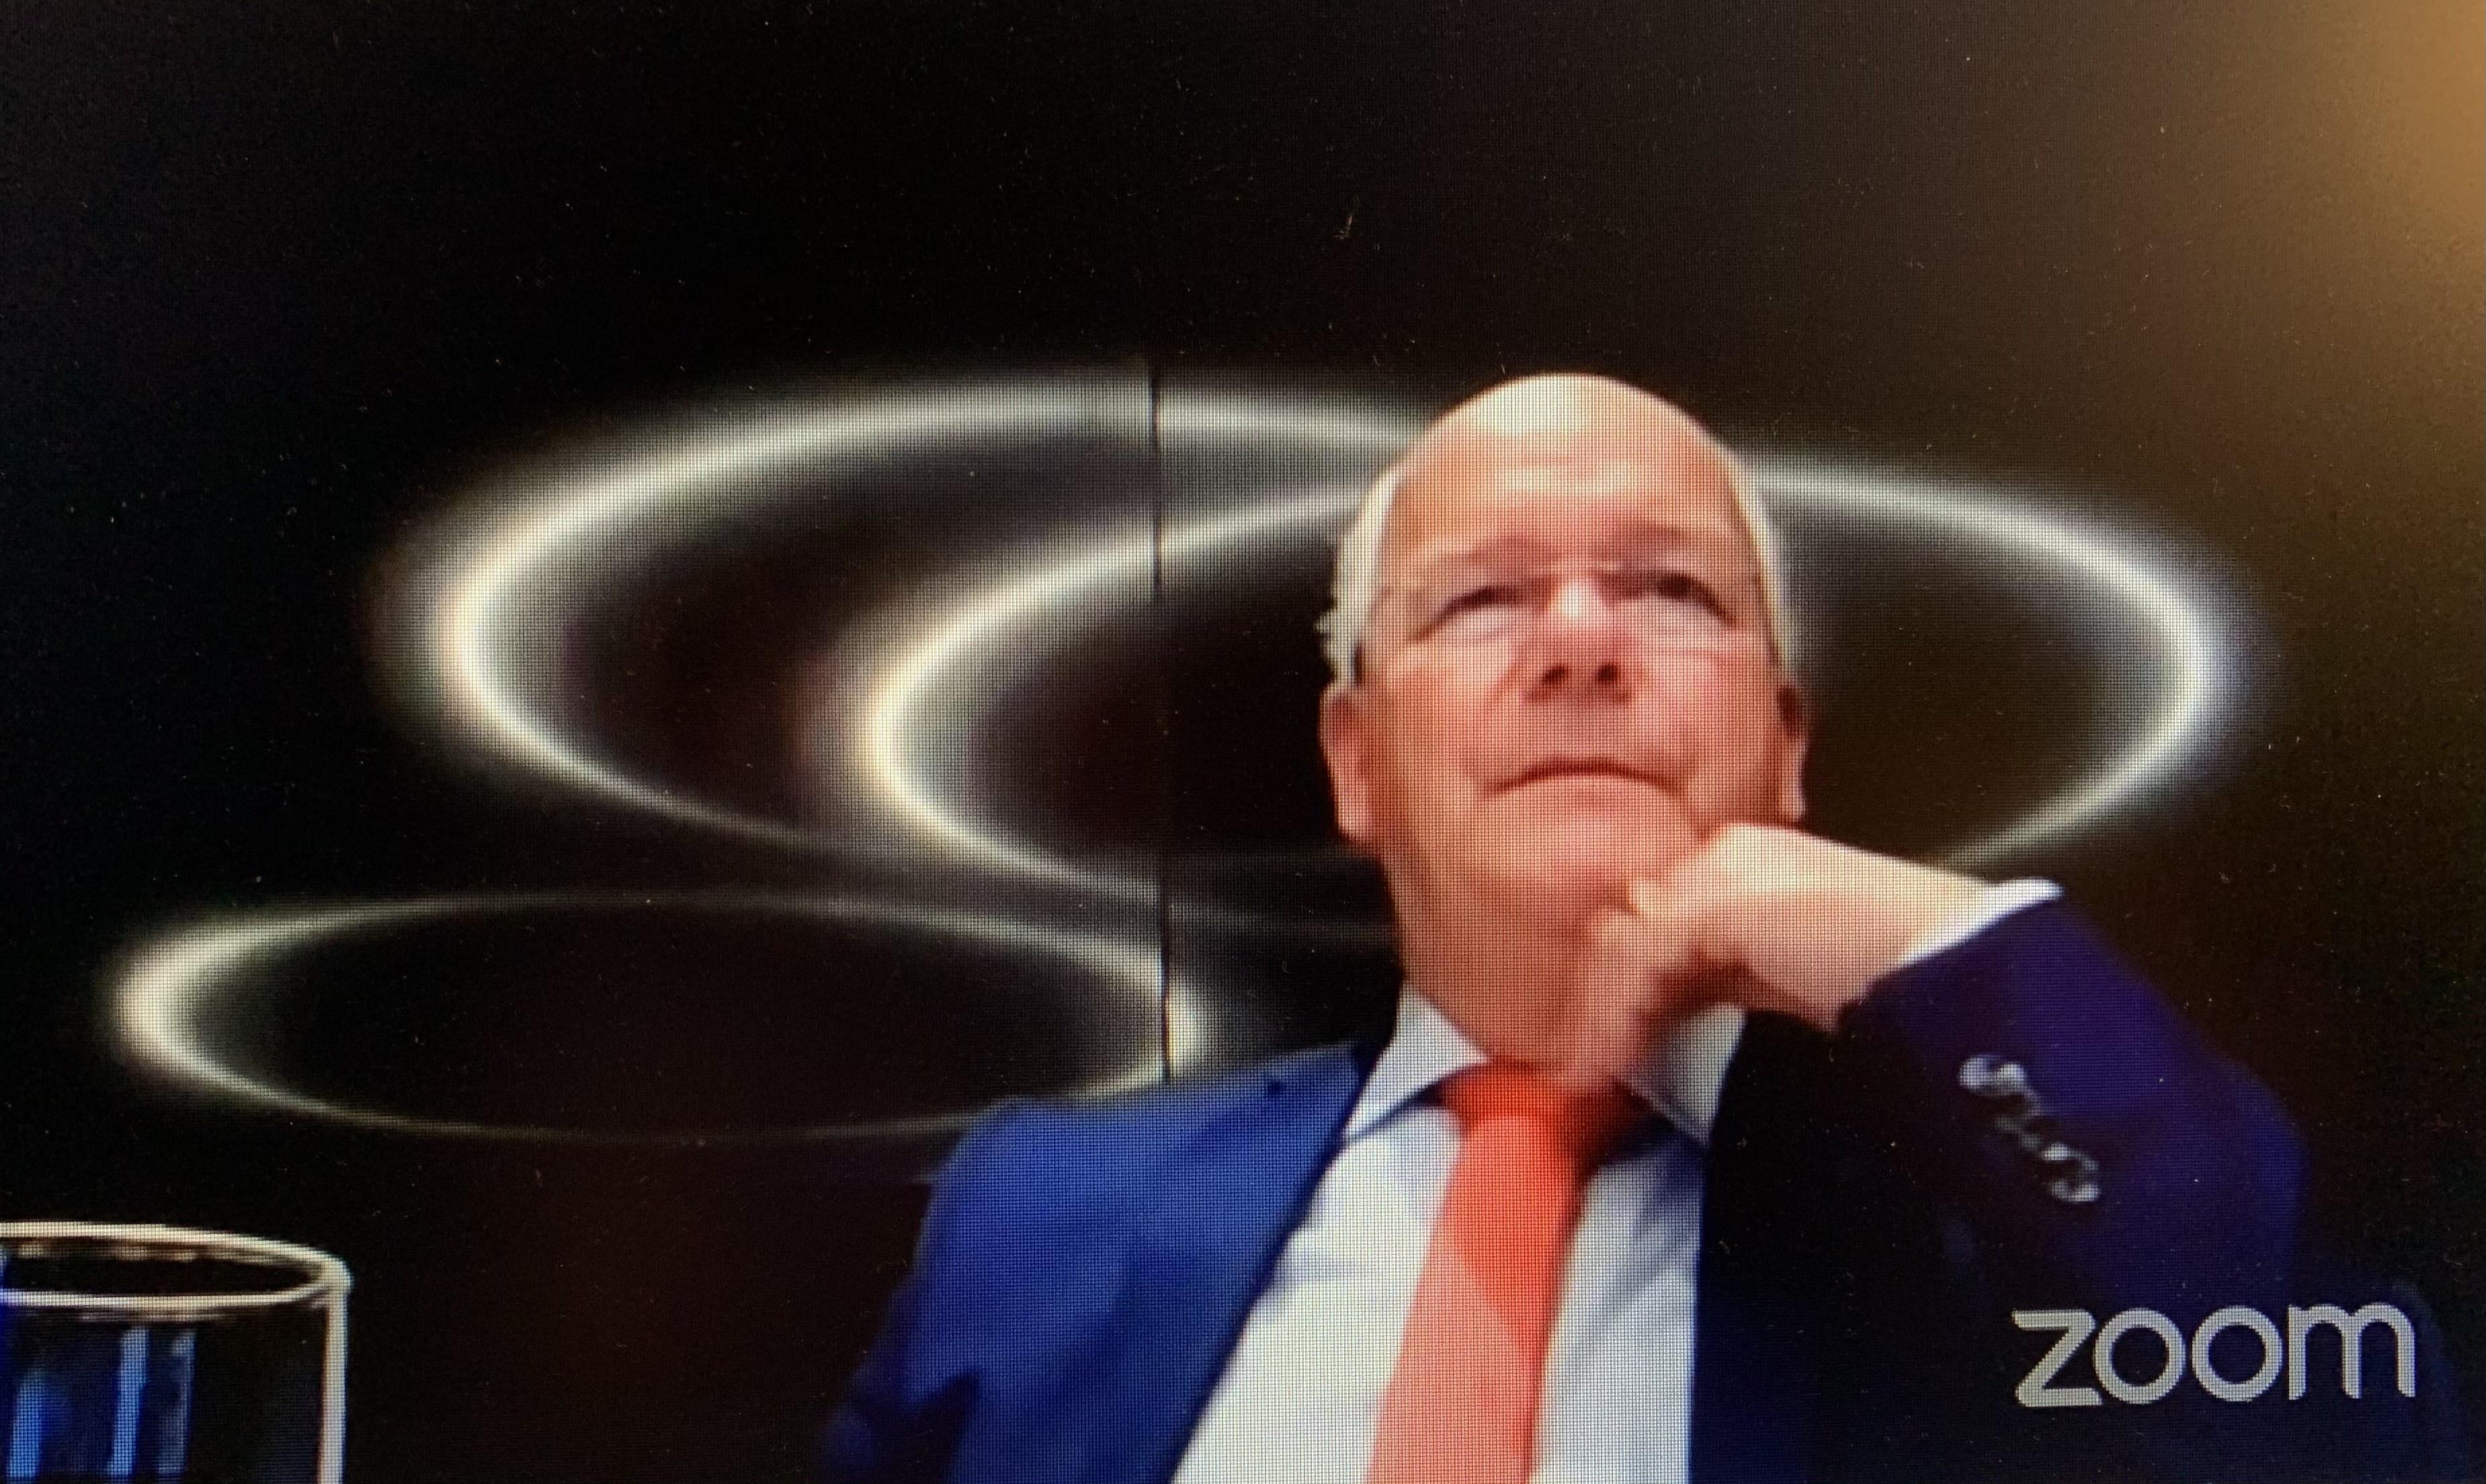 Nog eens drie ton voor steunfonds corona: 'Als crisis langer gaat duren, raken verenigingen in Langedijk door mogelijkheden heen'